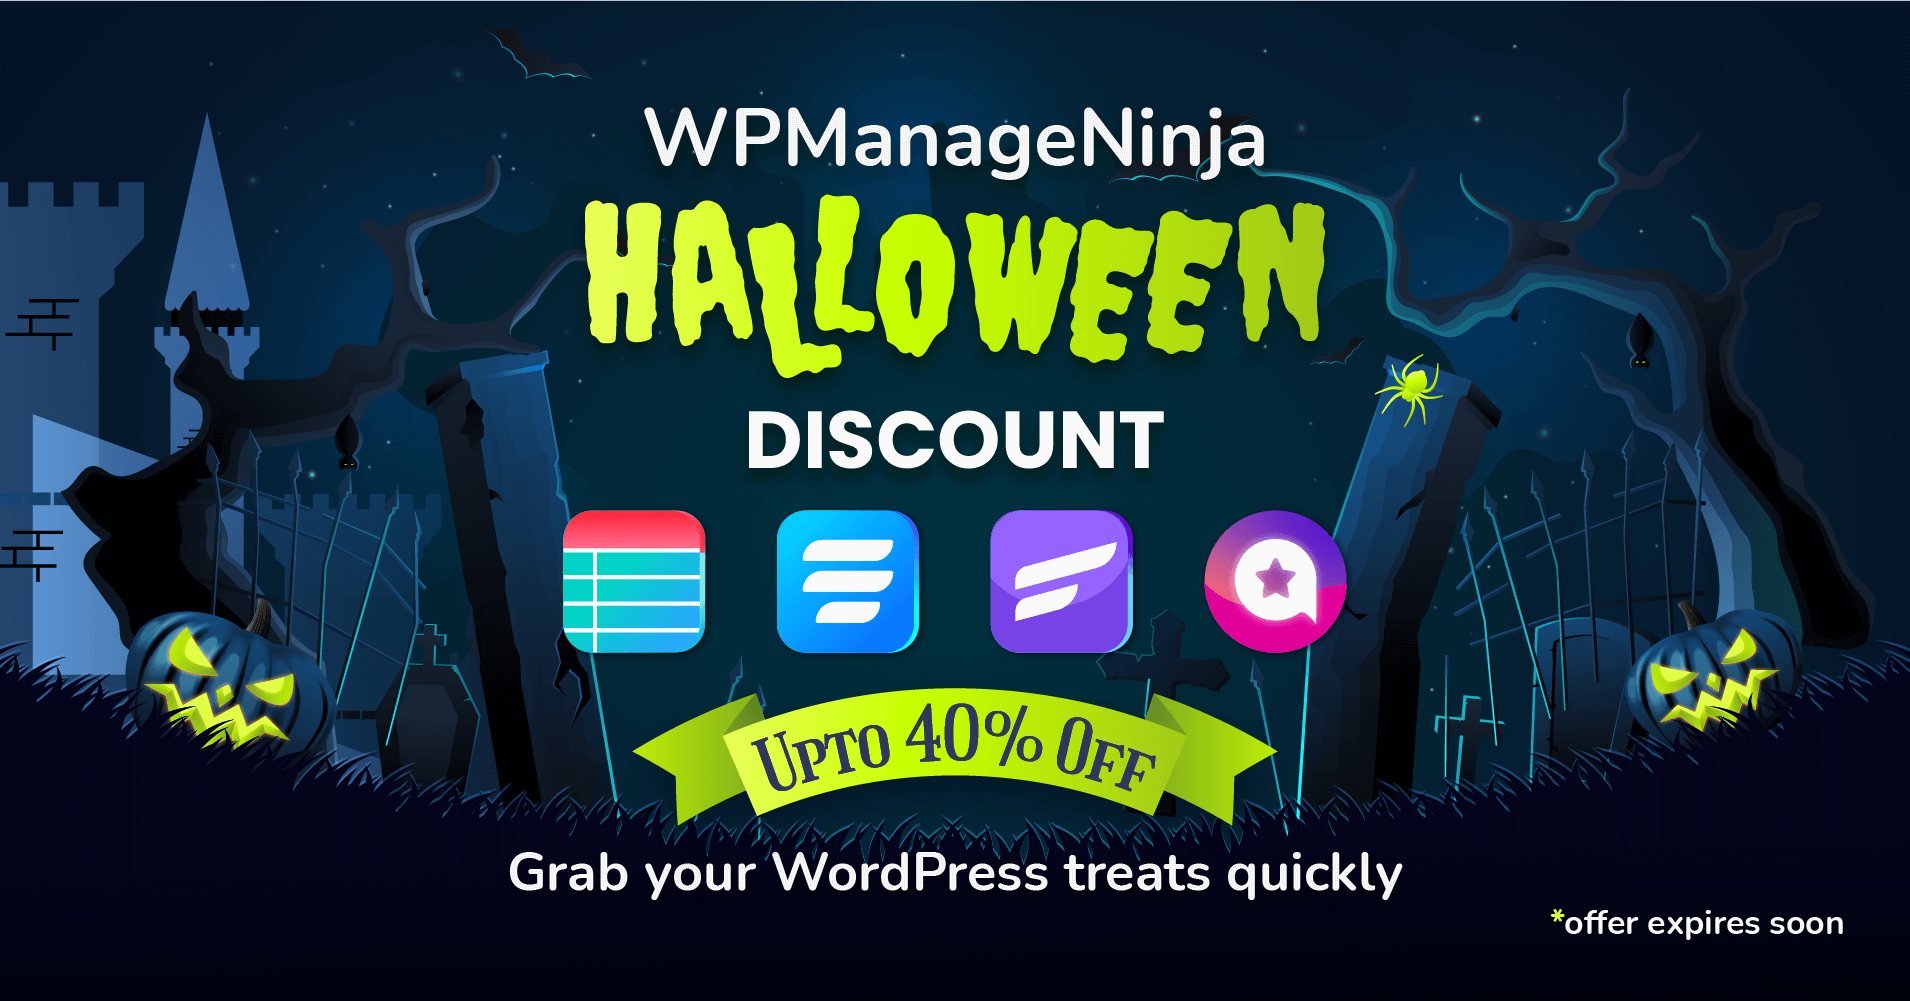 WPManageNinja Halloween Discount - WordPress discount